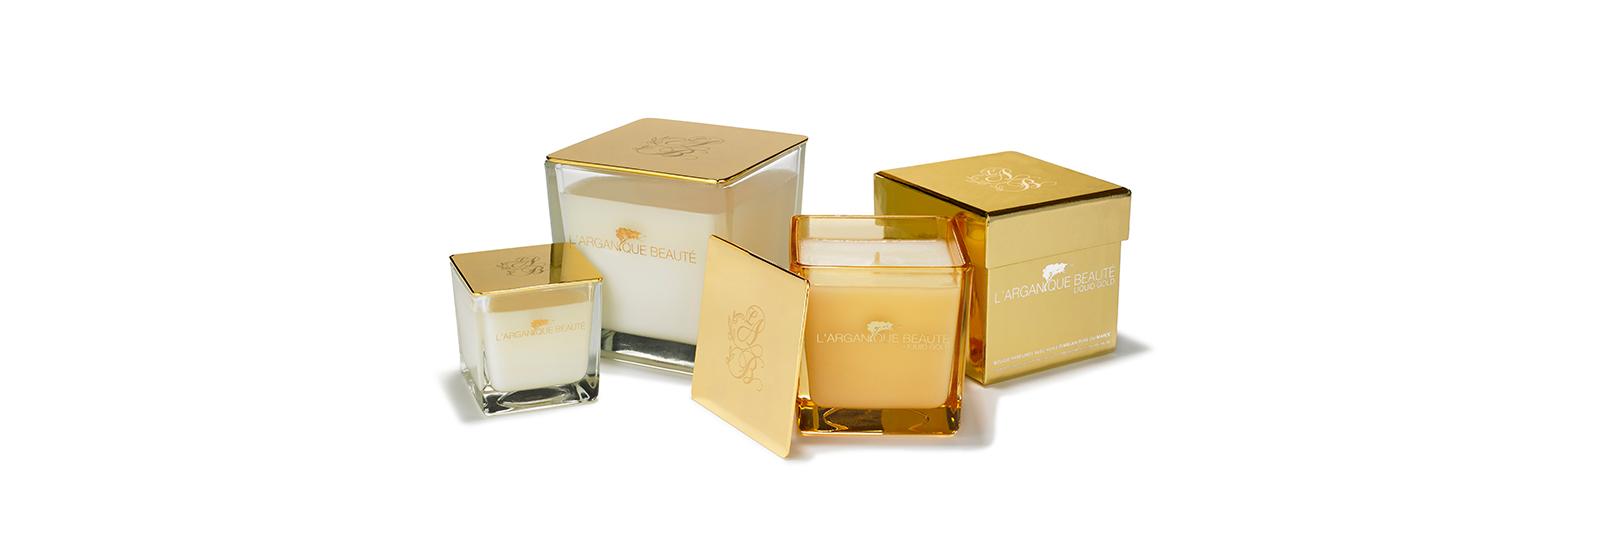 L'arganique Beaute private label candle manufacturer